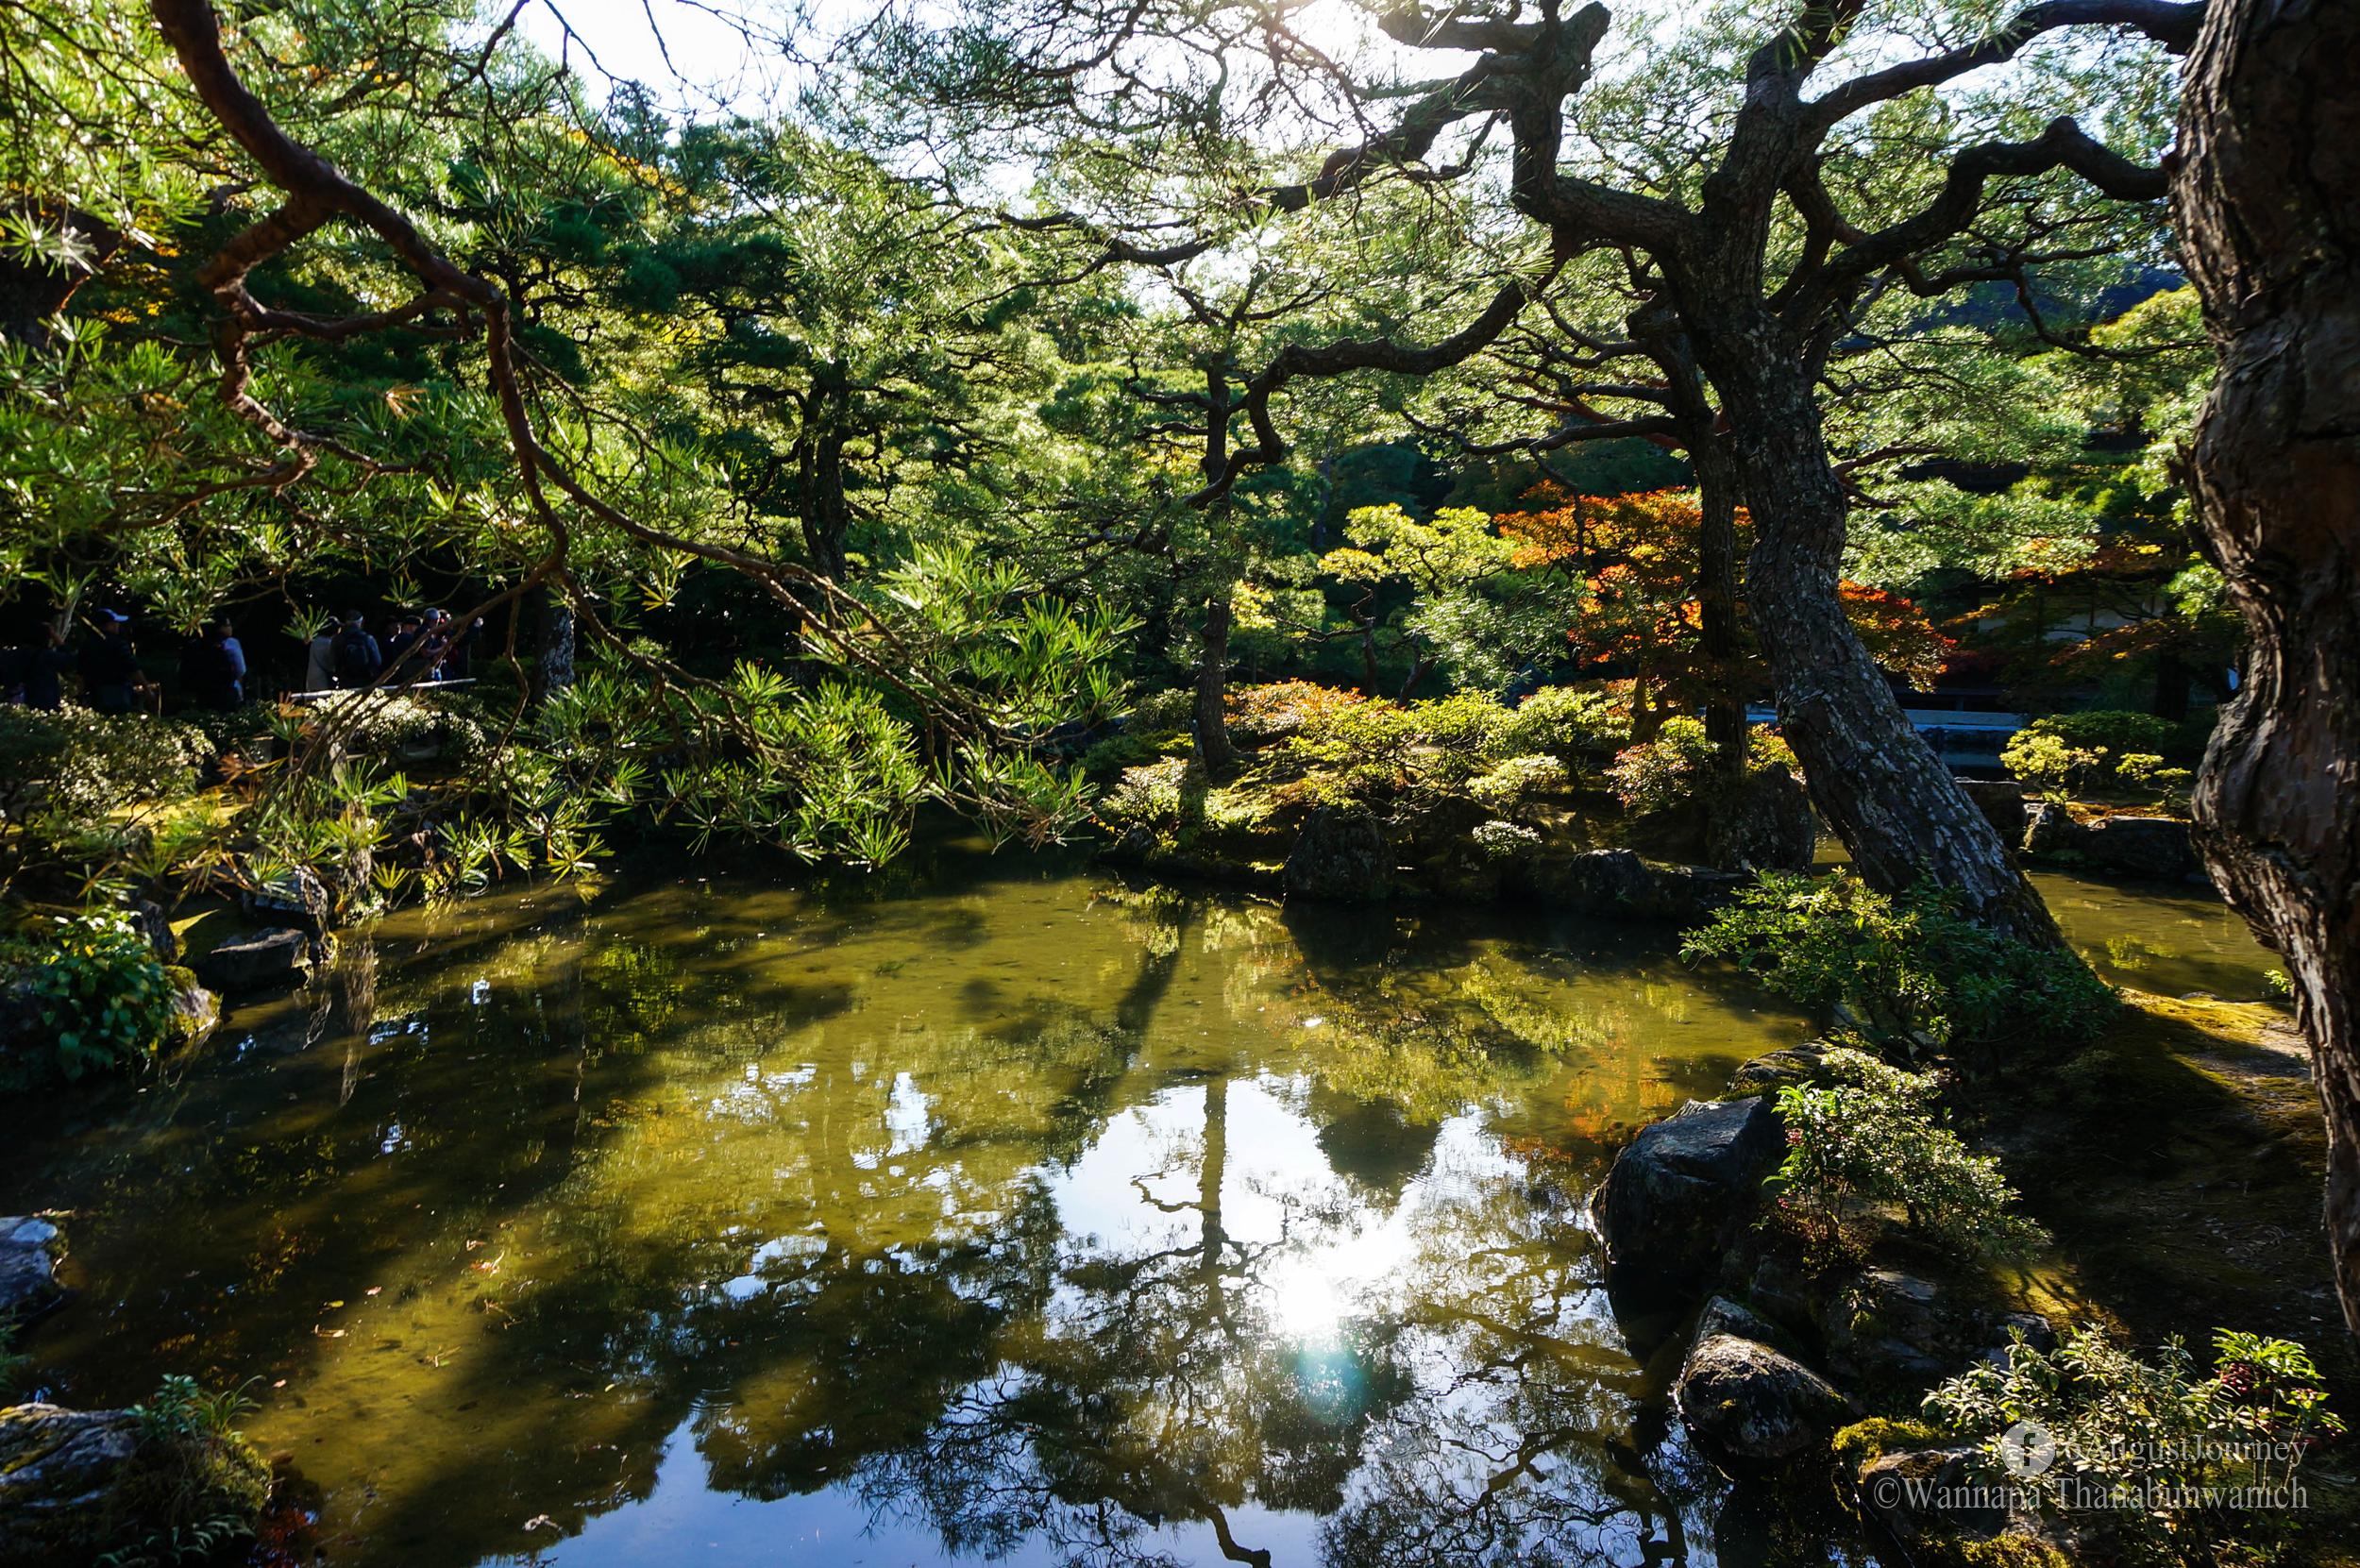 สวนสวยๆ ถ้าใบไม้เปลี่ยนสีจะสวยกว่านี้อีก